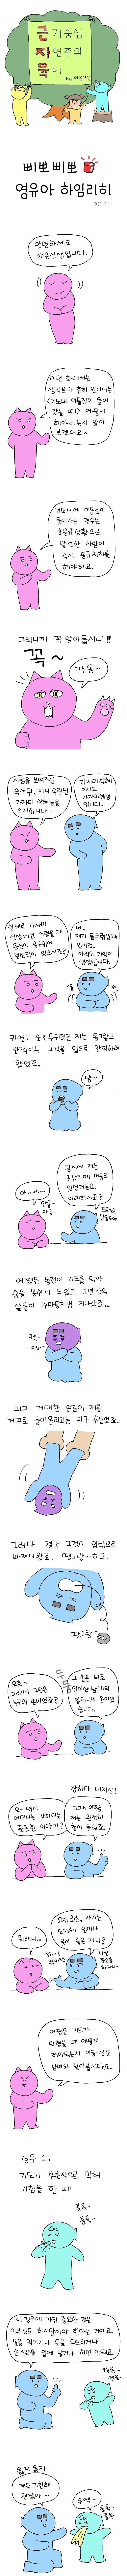 20180309_기도이물_(1).JPG